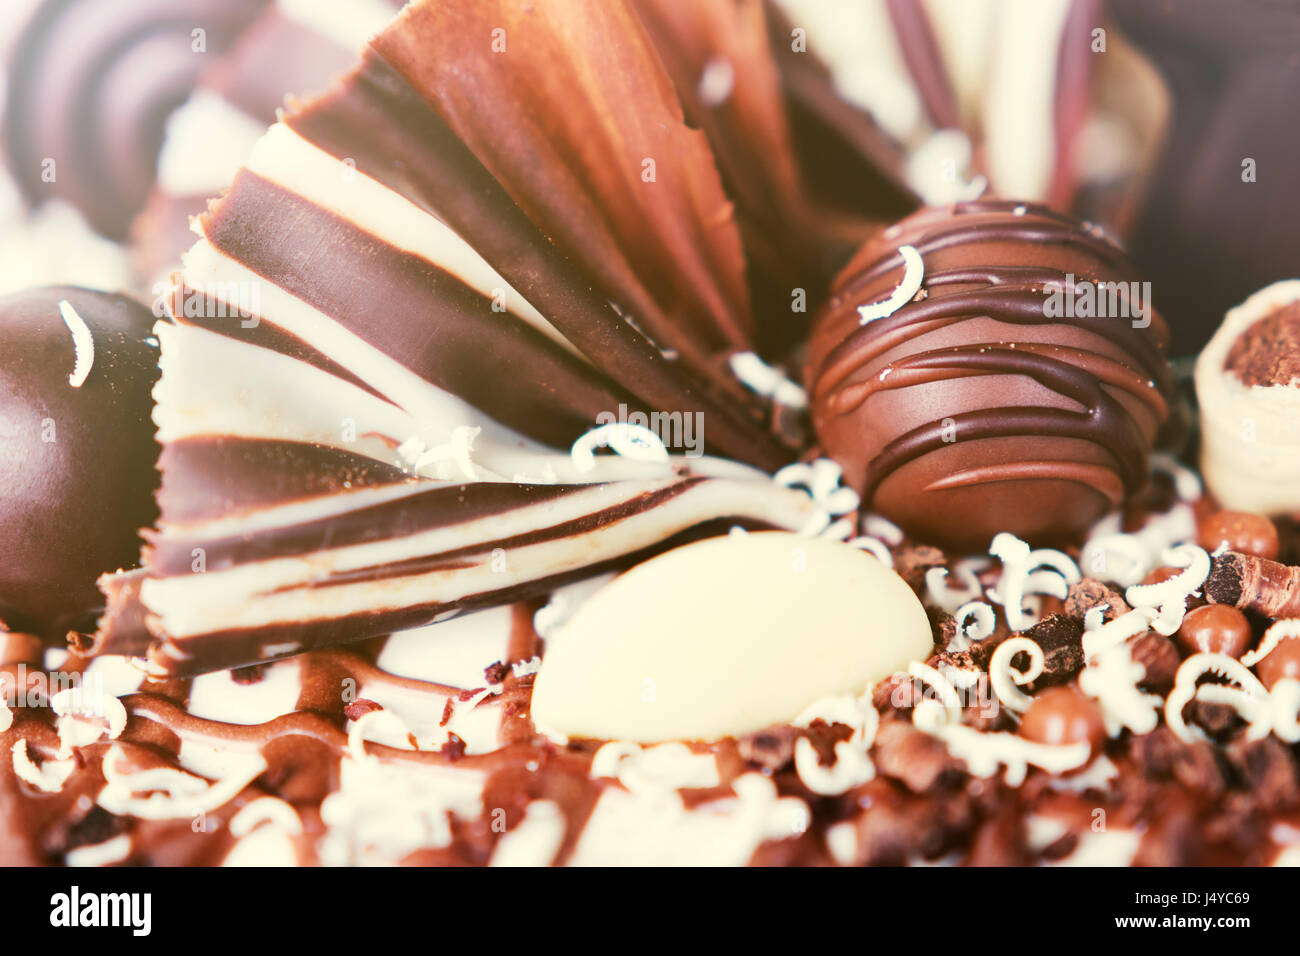 Torta al cioccolato dettagli decorativi. Immagini Stock